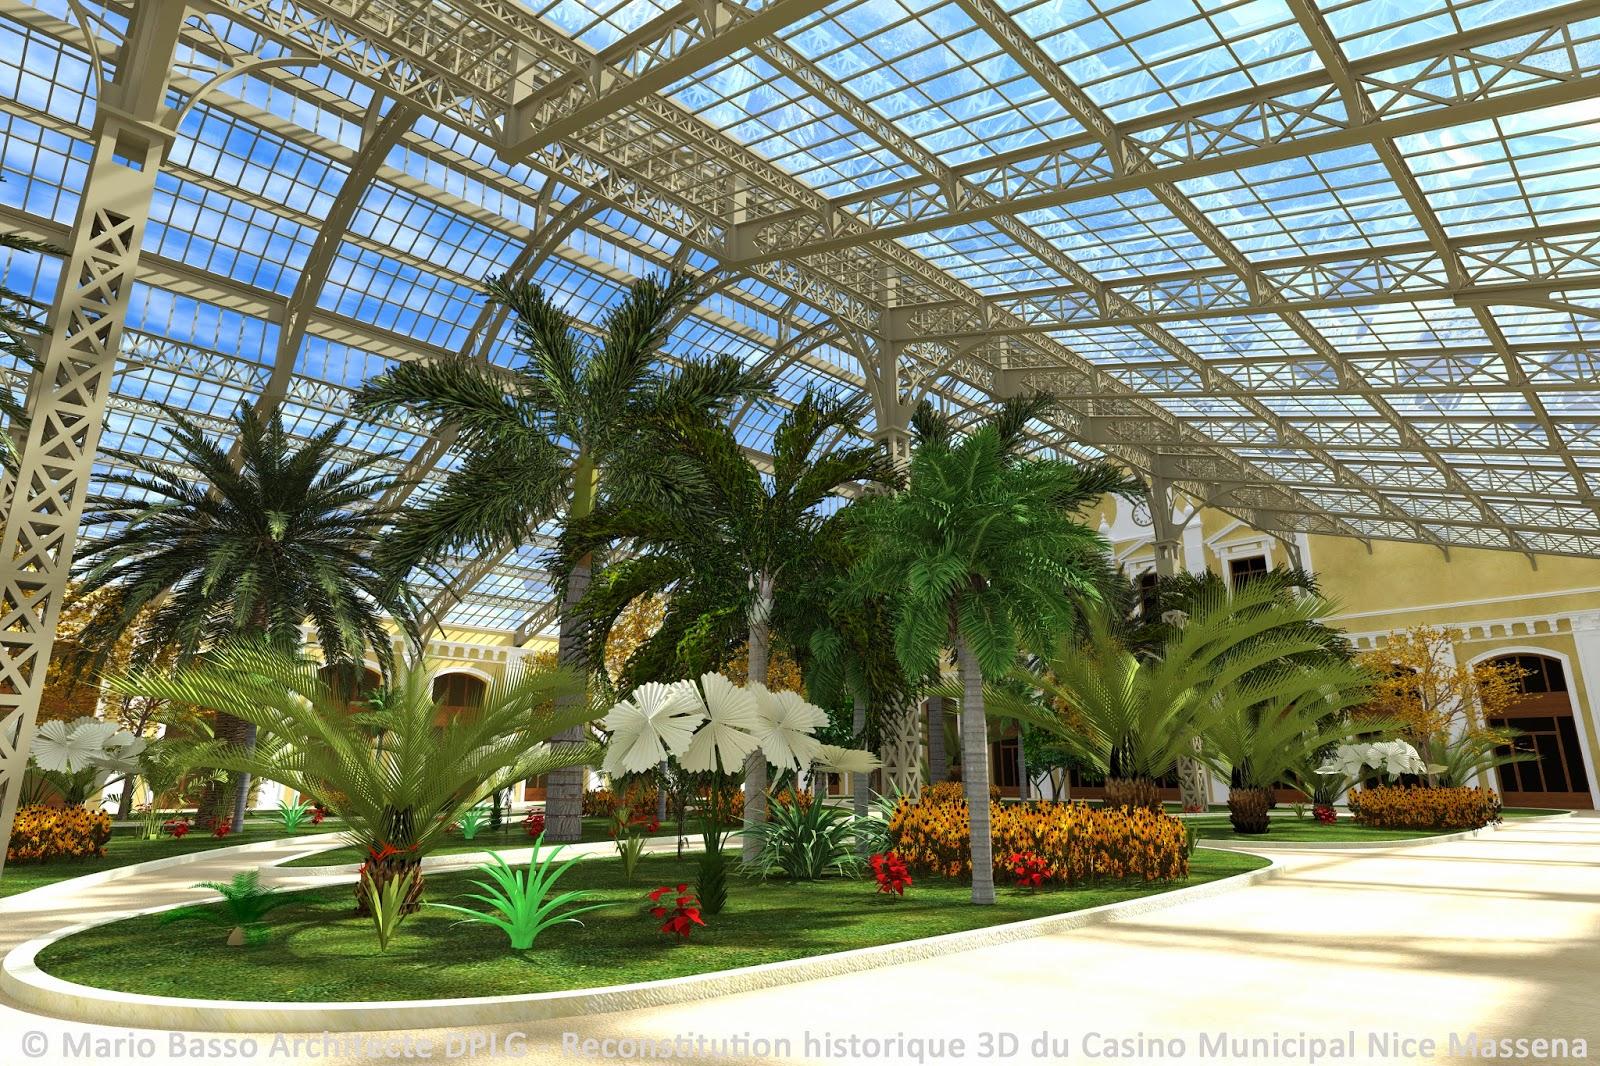 Casino municipal nice massena en 3d vues du jardin d 39 hiver - Terrasse jardin municipal nice ...